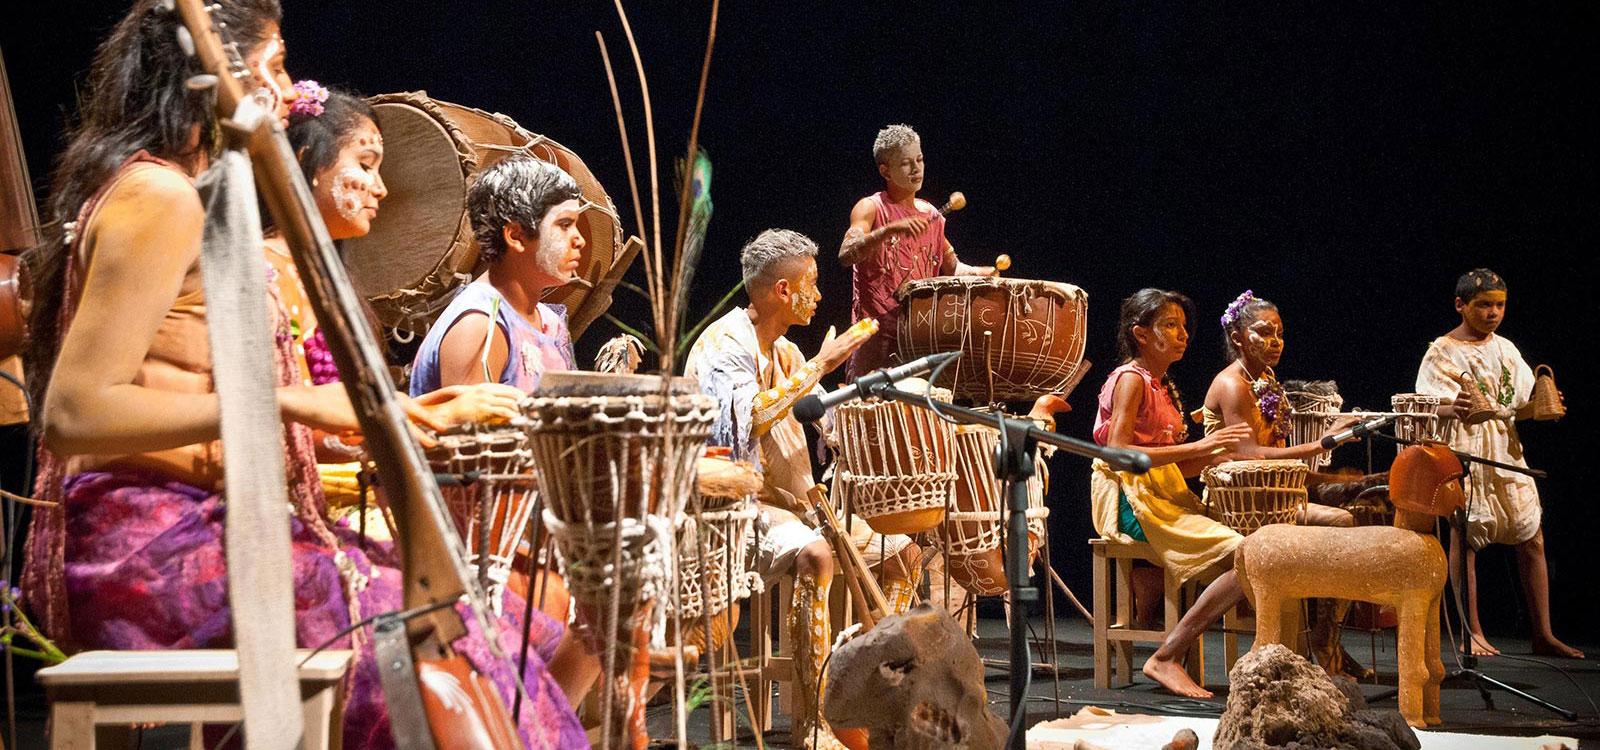 Conheça a orquestra cearense que usa instrumentos de barro